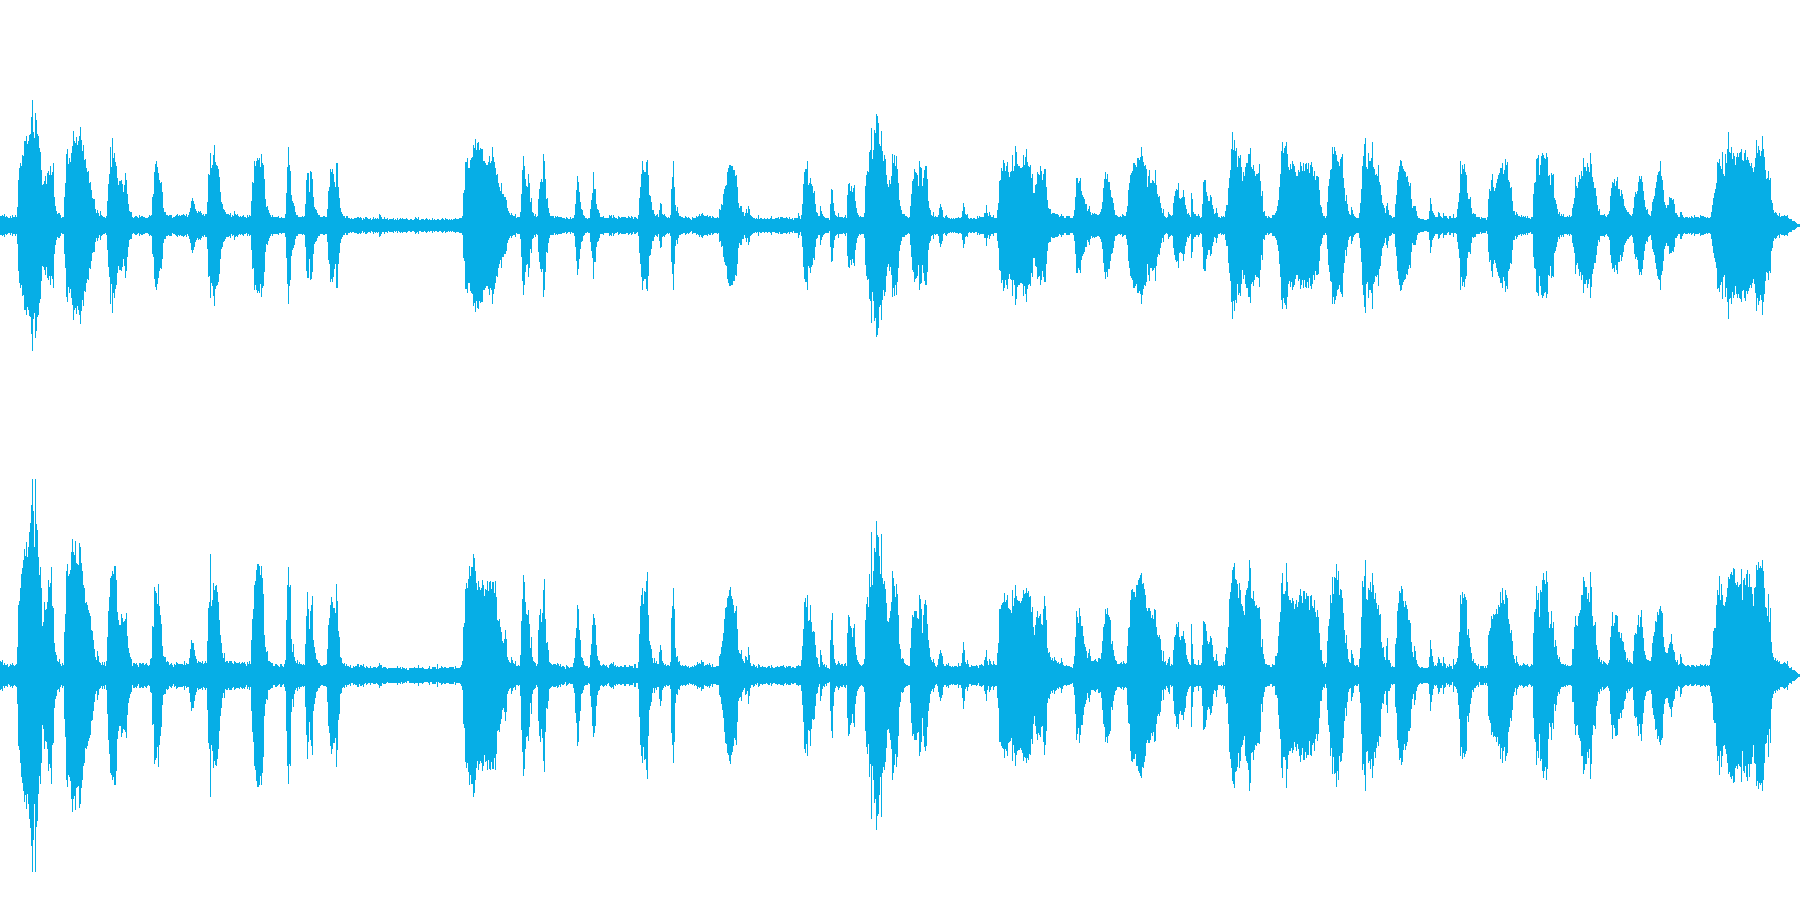 工事の音が入っている環境音の再生済みの波形